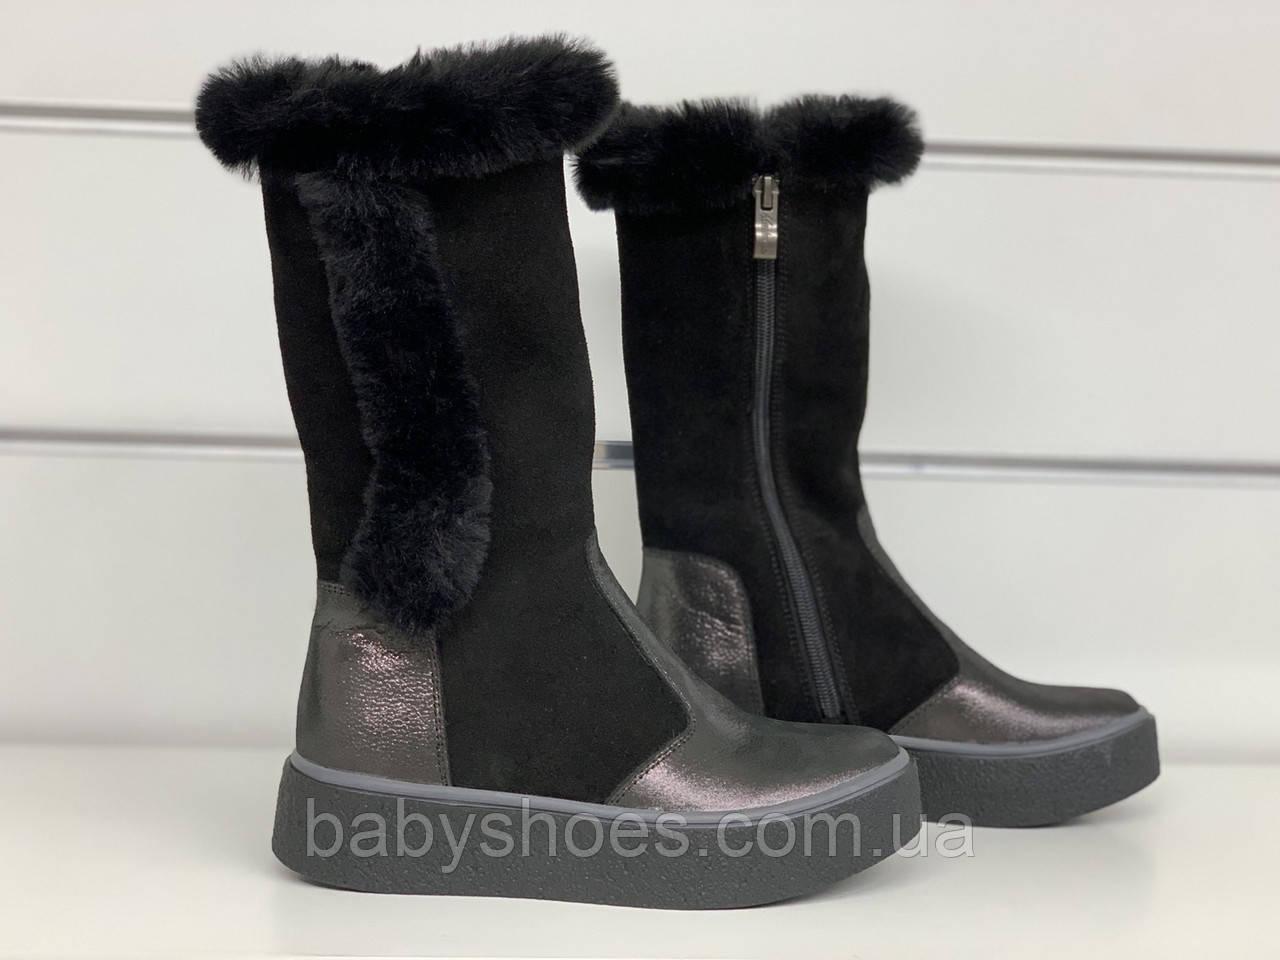 Зимние кожаные сапоги для девочки Masheros р.33-38